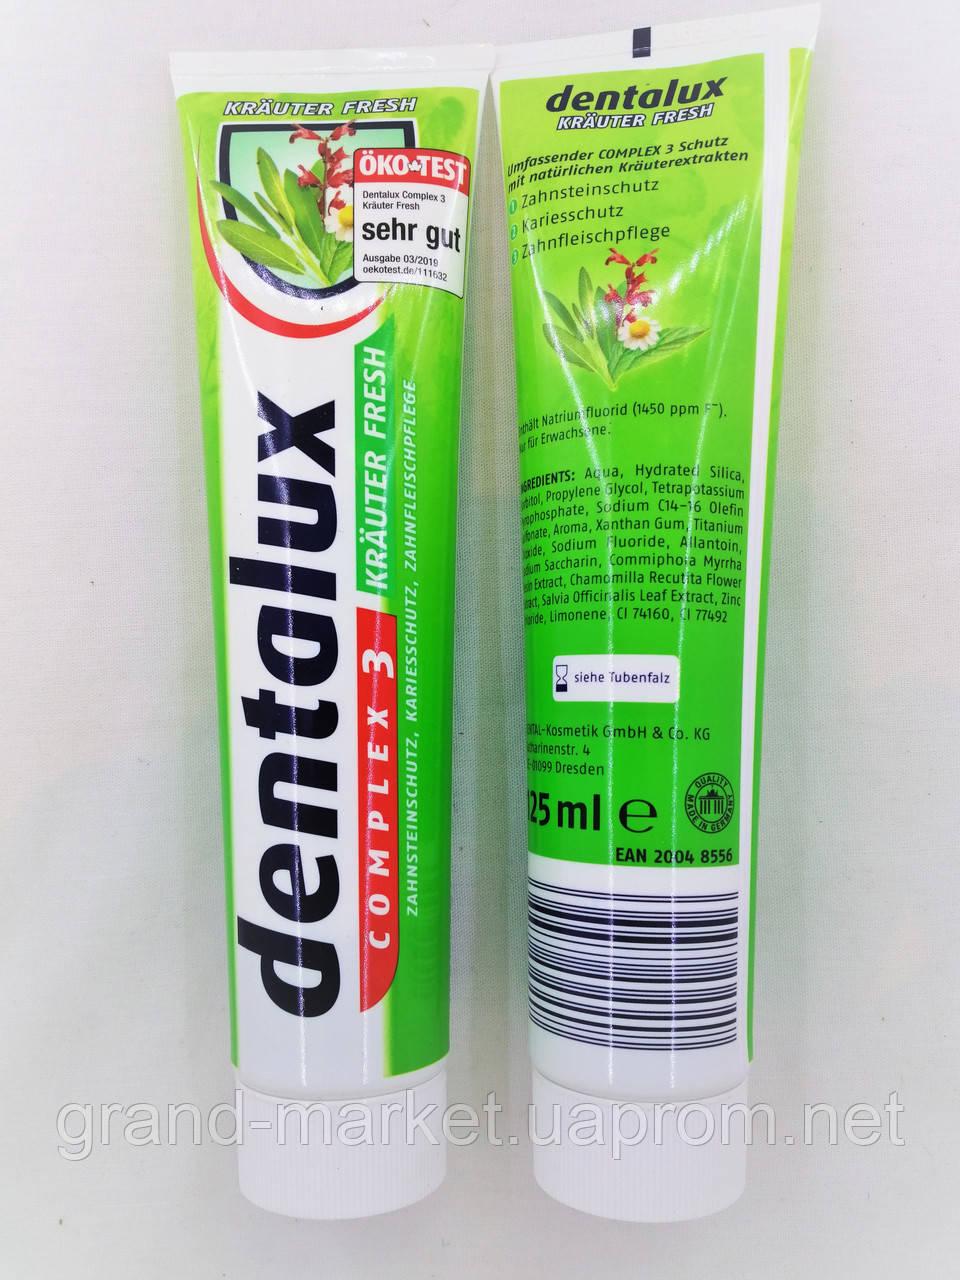 Зубна паста Dentalux Krauter Fresh 125 мл